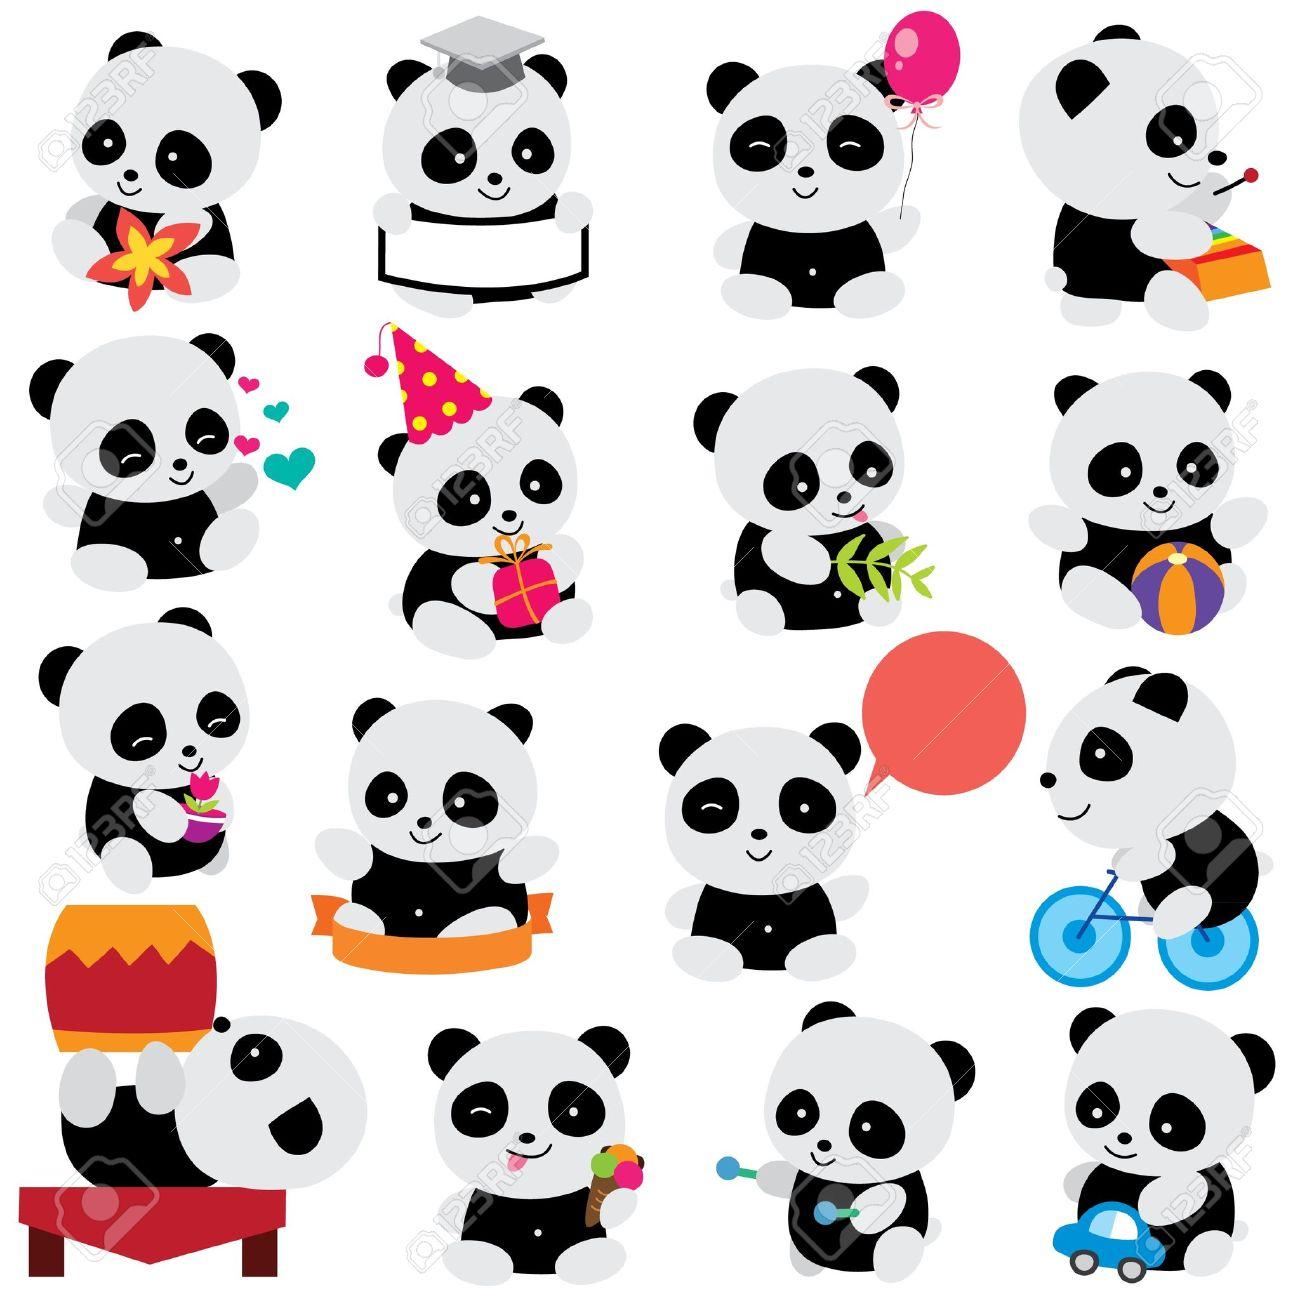 Panda clipart kawaii Panda Baby Cliparts Download Snowjet